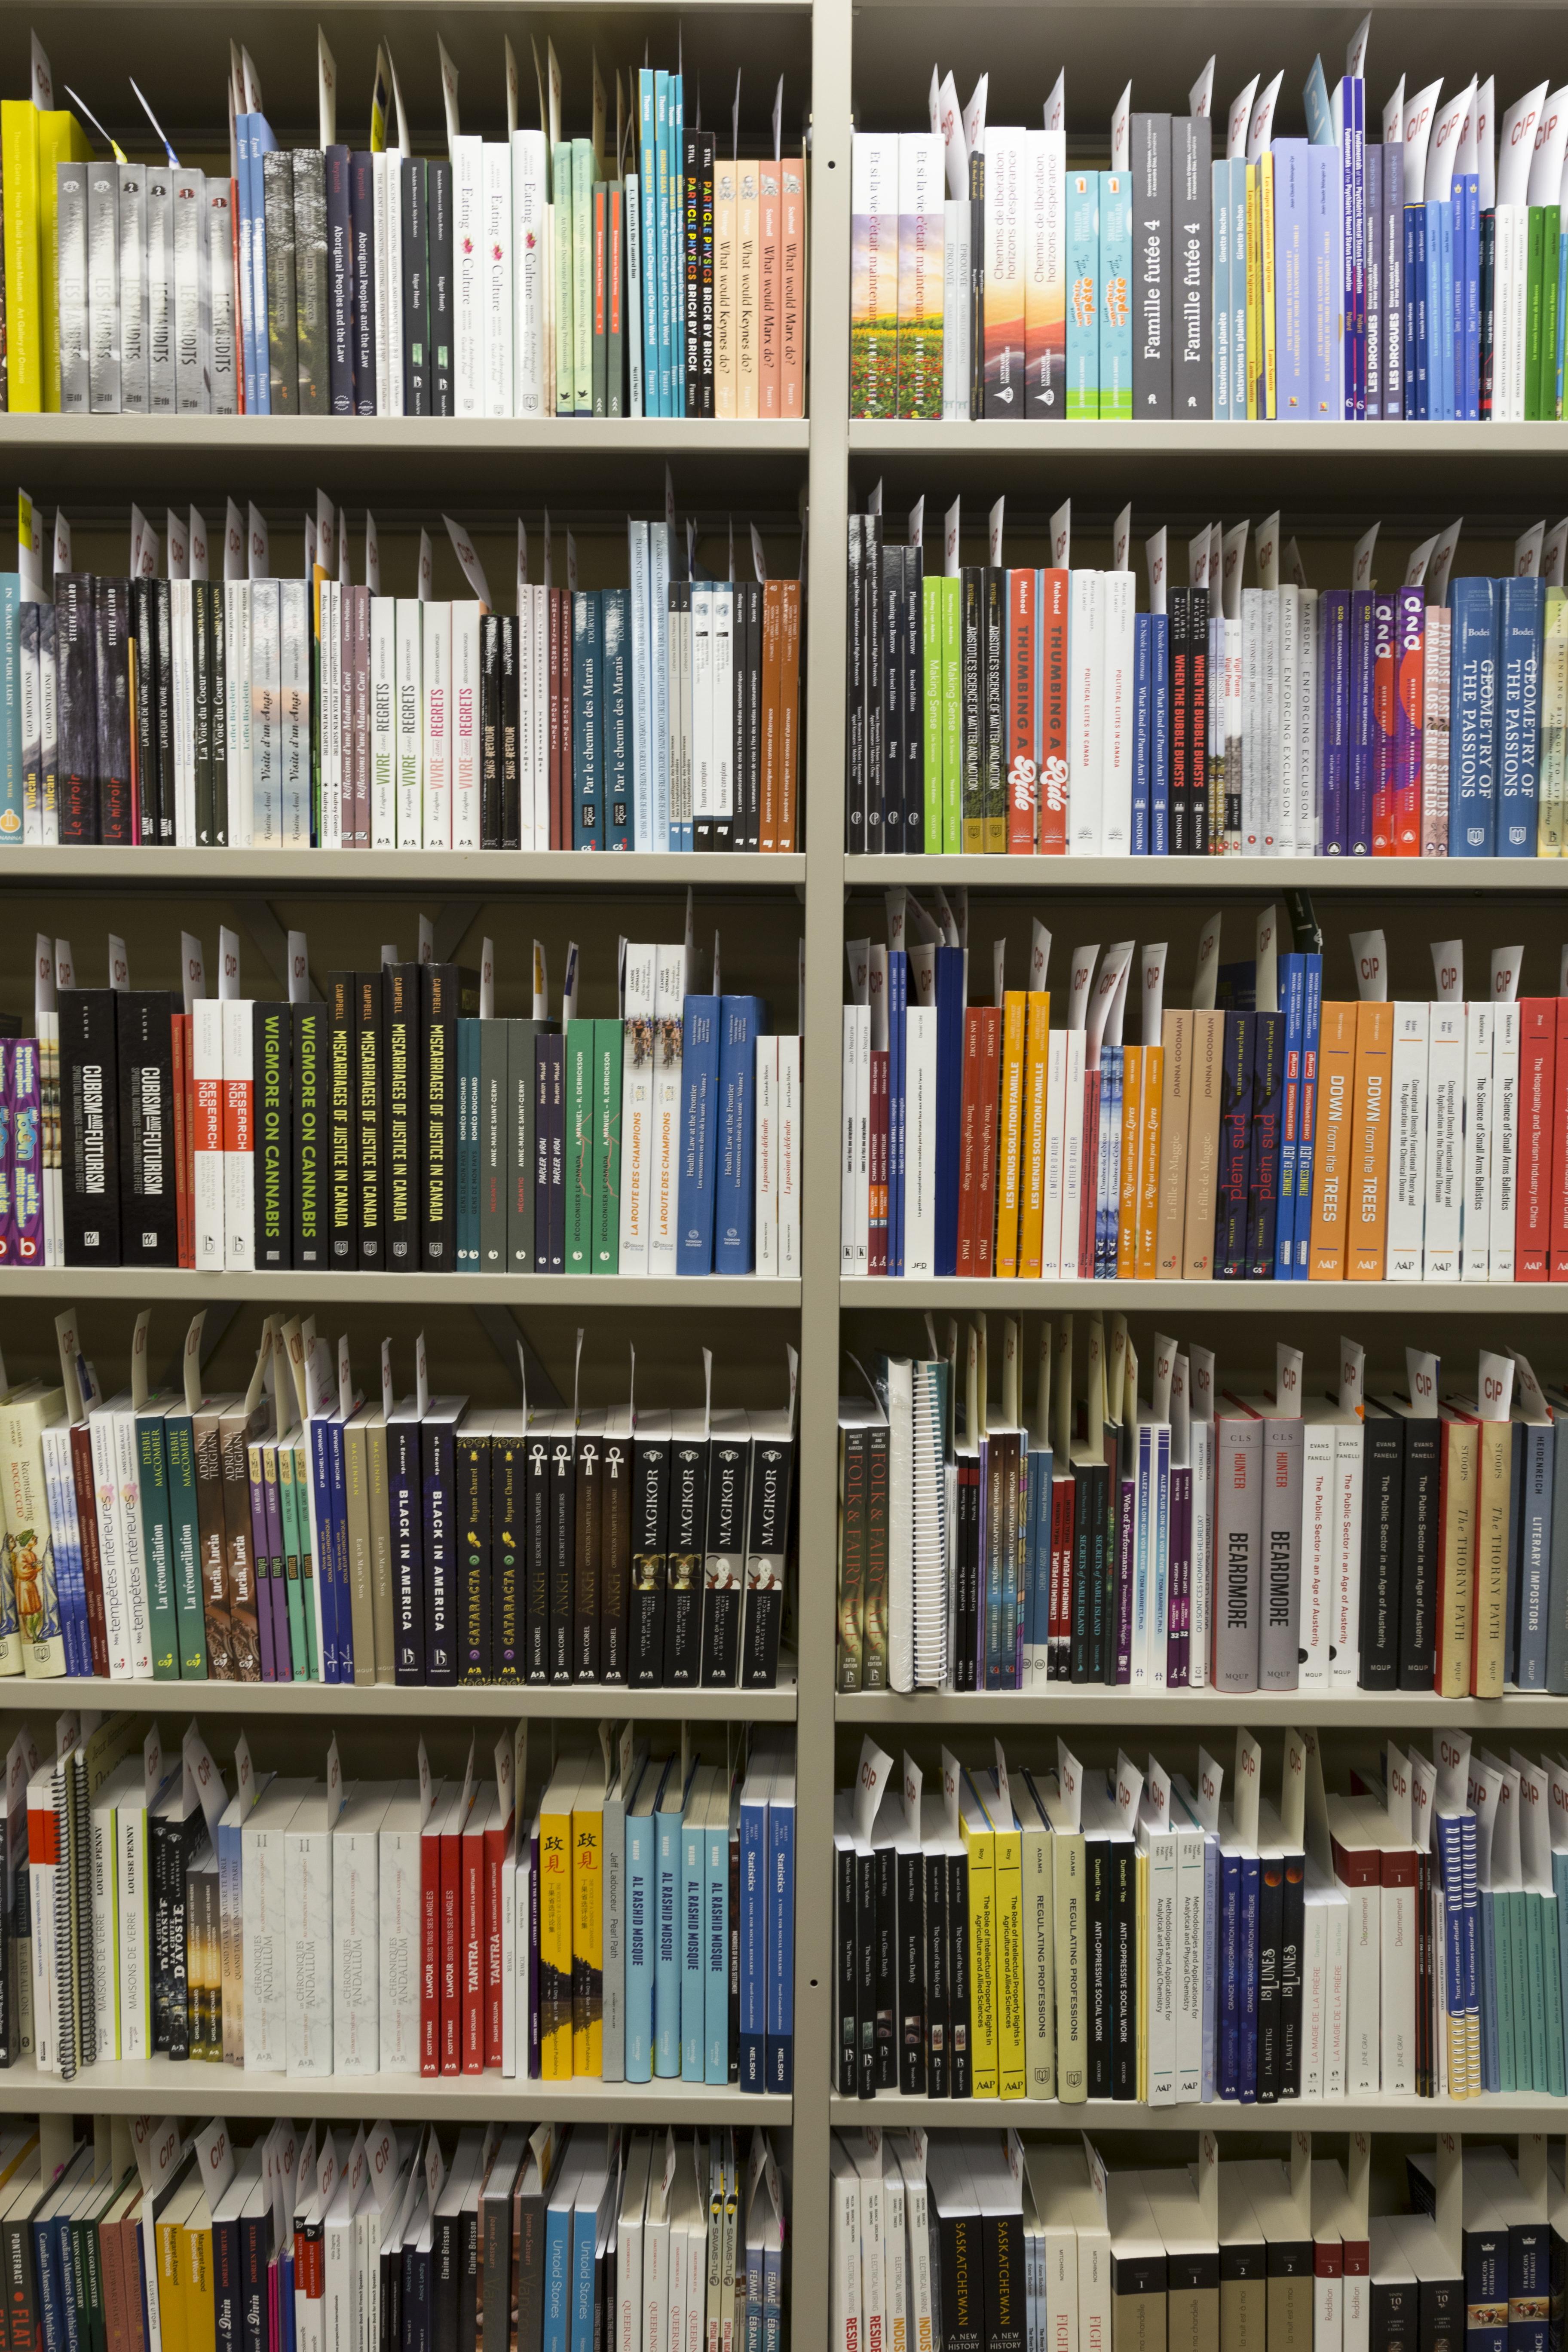 Des rangées de livres aux couvertures multicolores, prêts à être traités, reposent sur des étagères en métal gris.